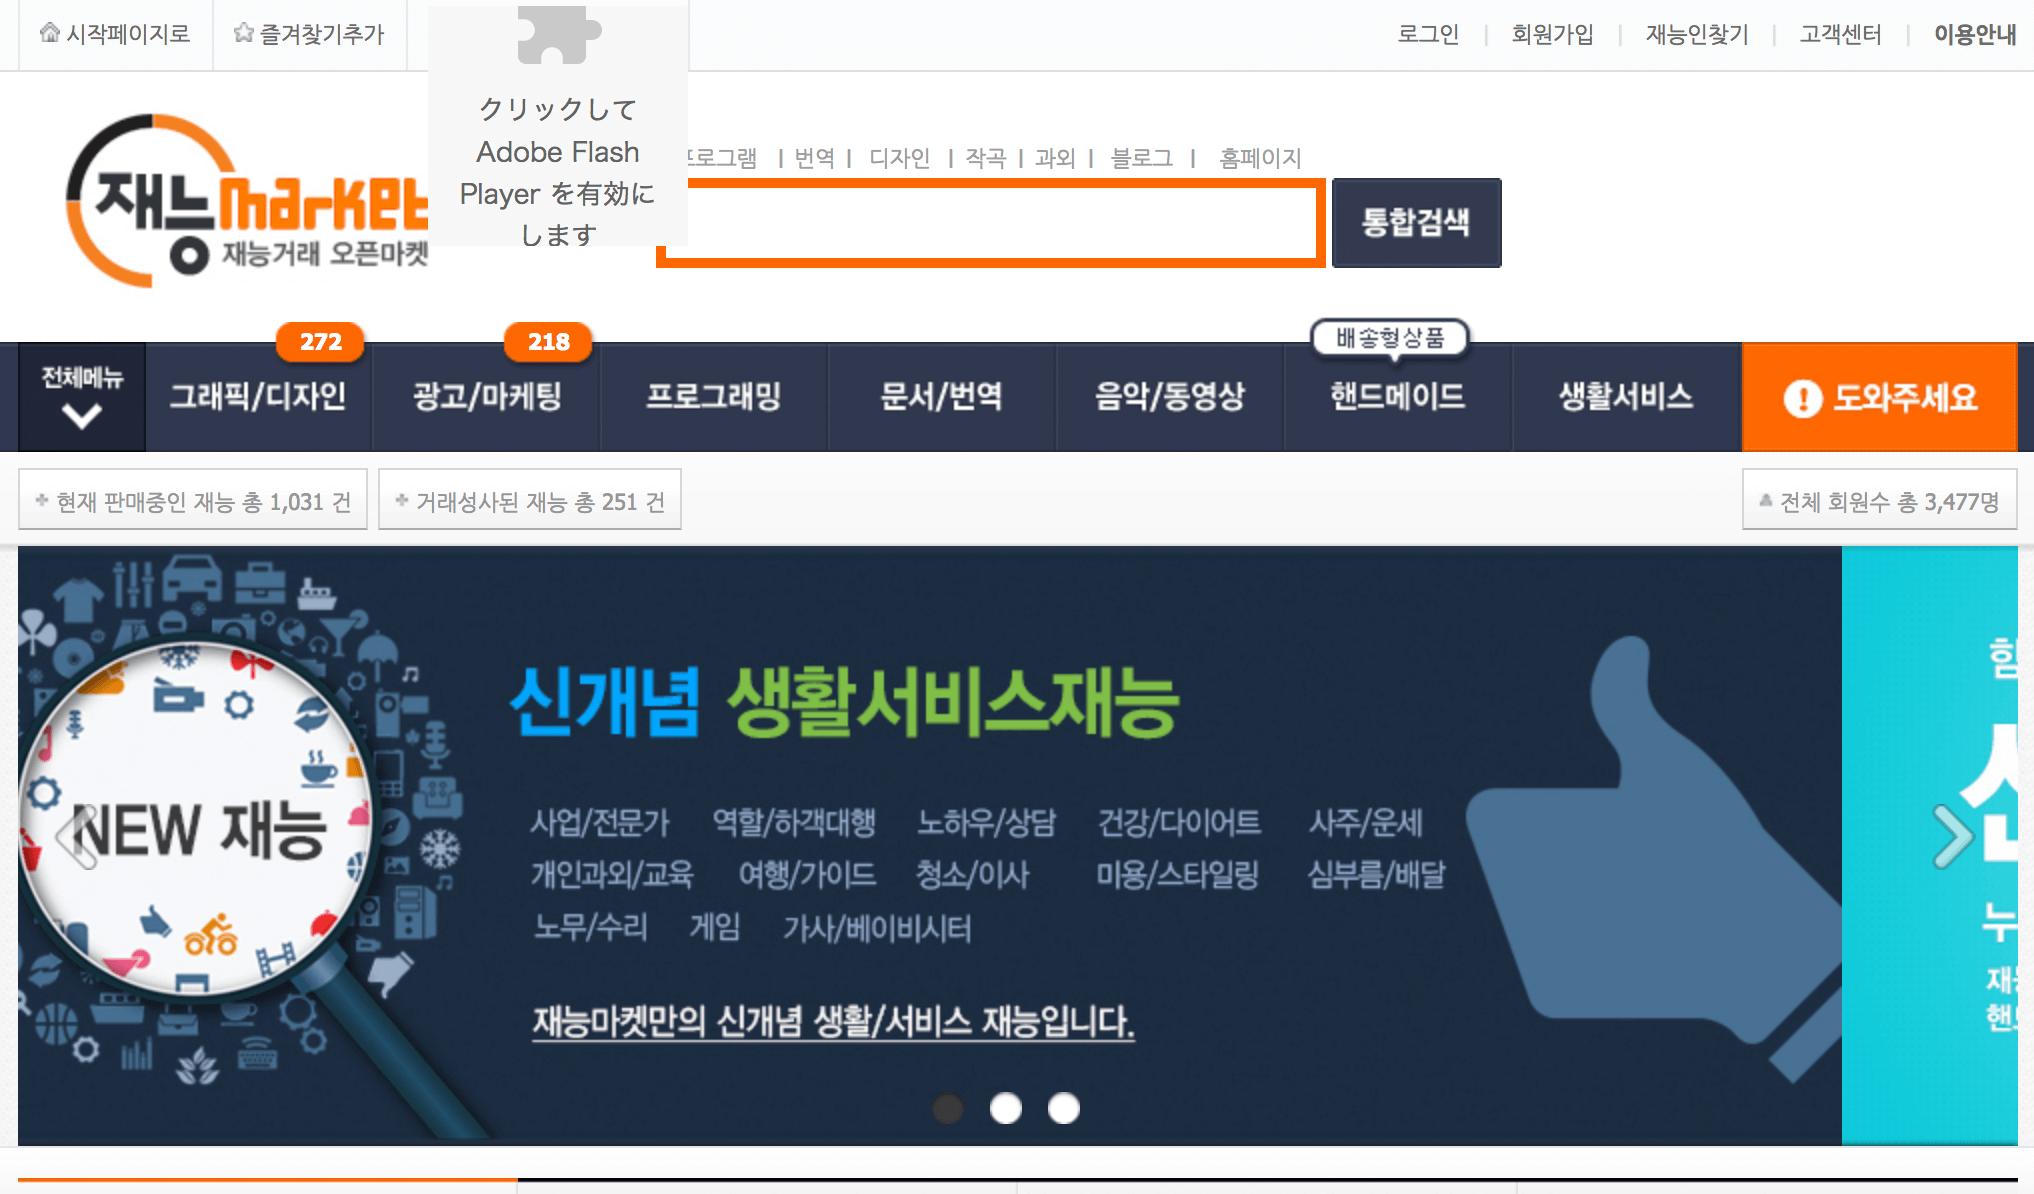 韓国仕事クラウドソーソングサイト03